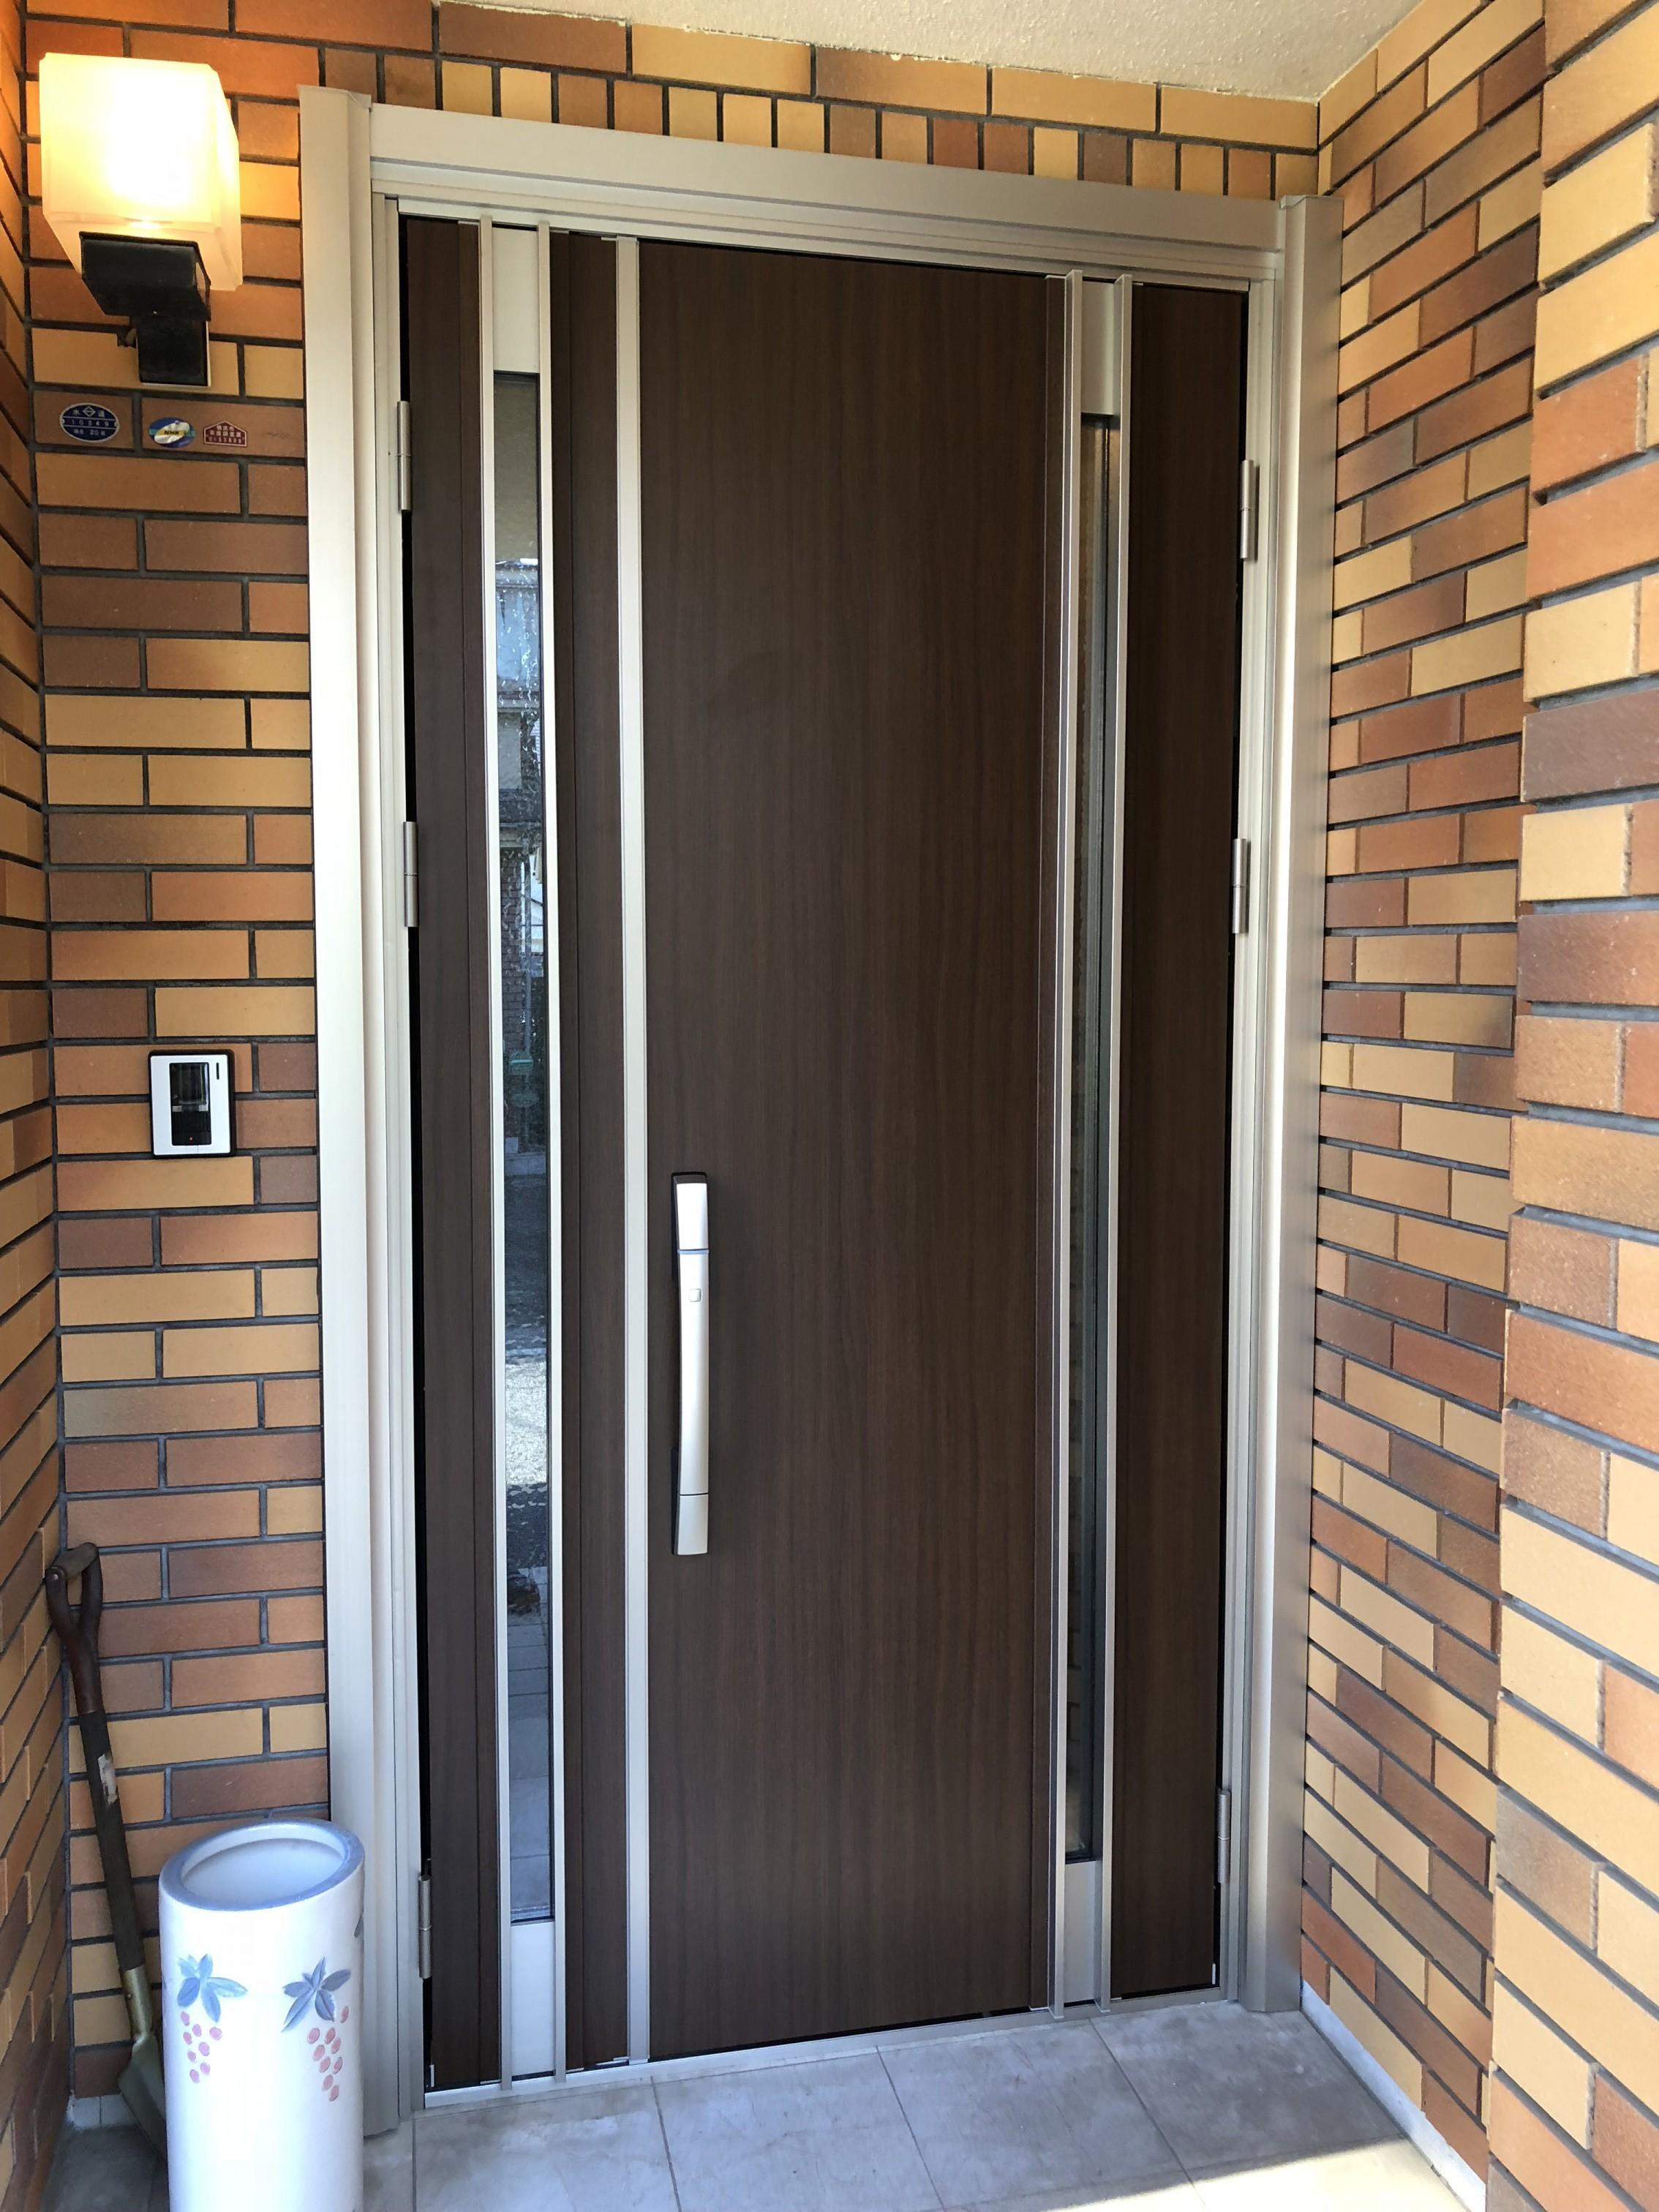 横浜市K様邸 玄関ドア取替工事【ドア・窓リフォーム…